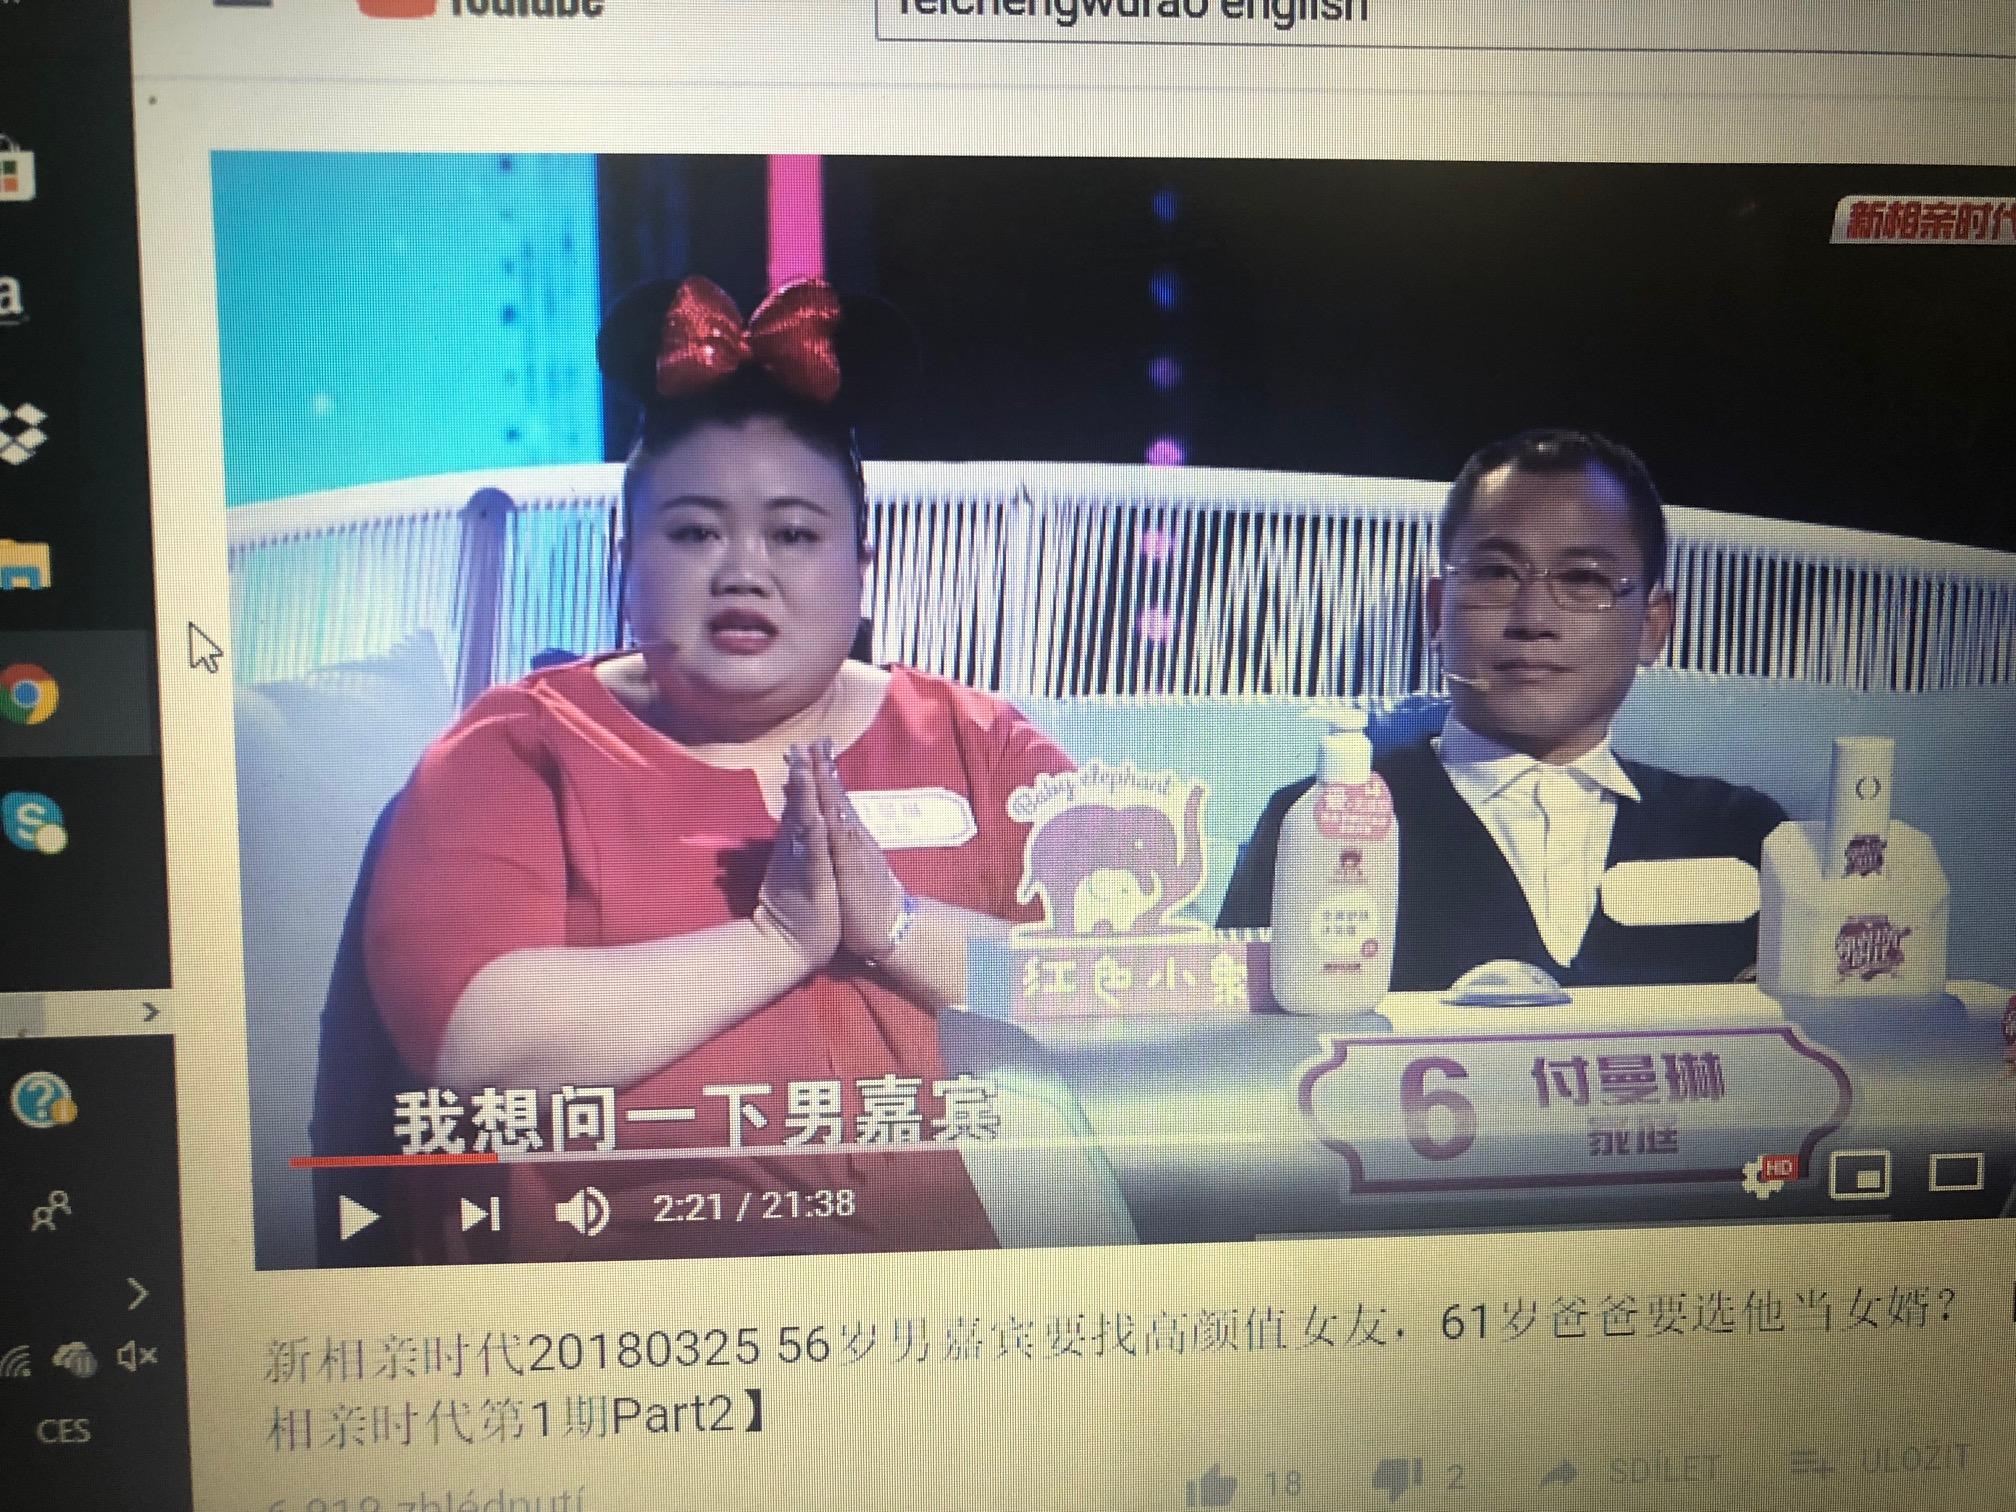 Randění v čínských pravidlech